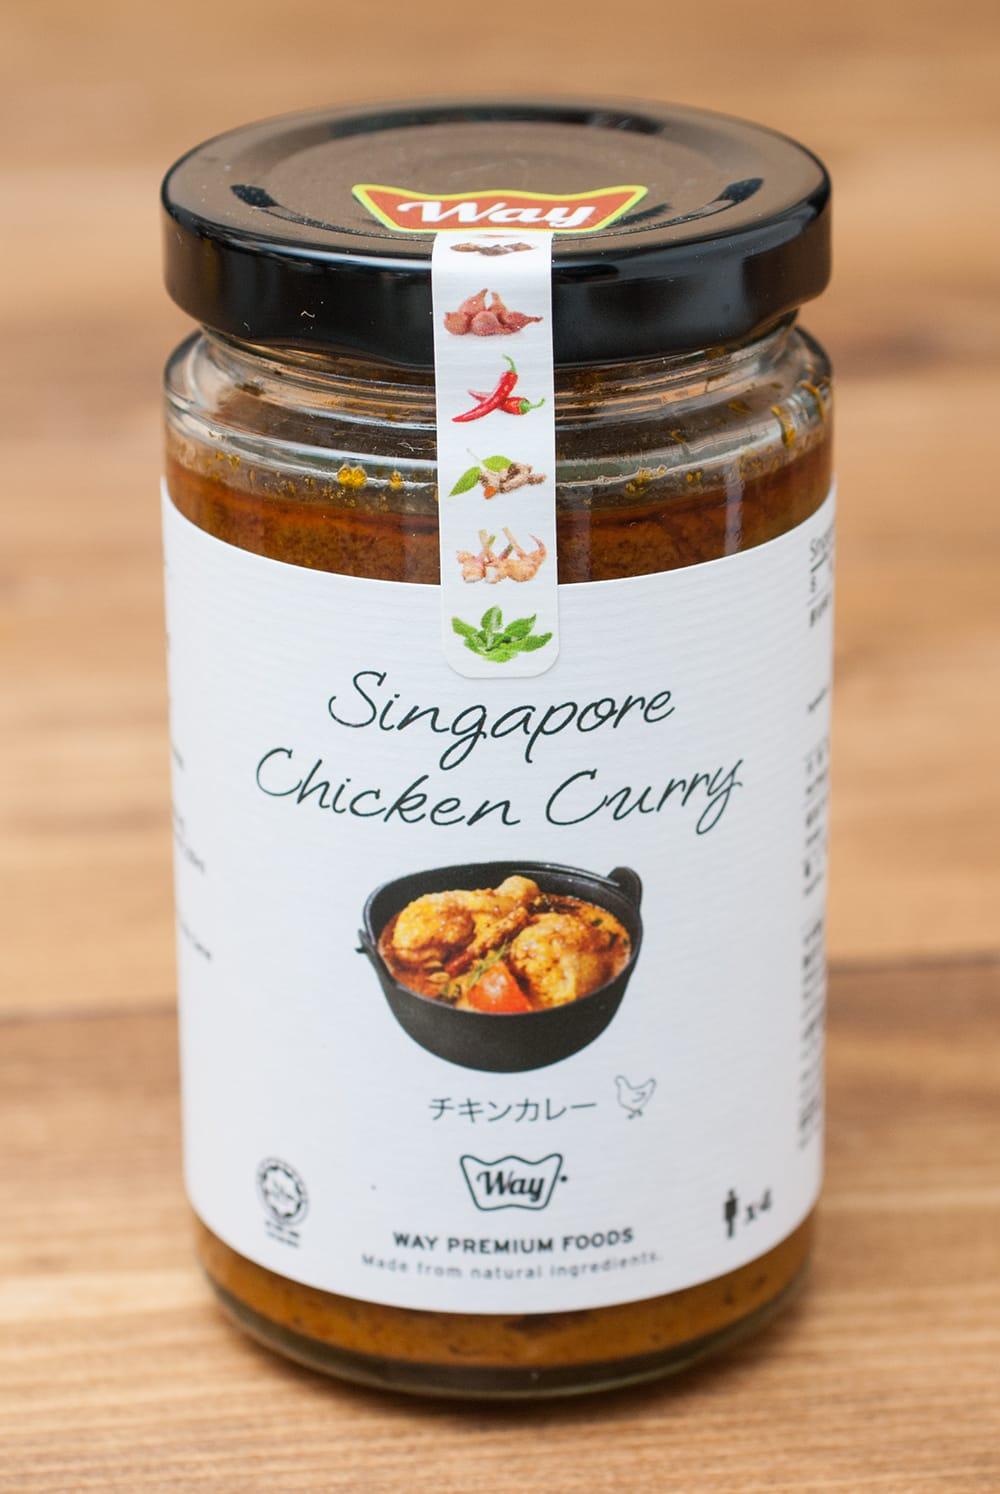 シンガポールのチキンカレーの素-Chicken Curry-【WAY】の写真